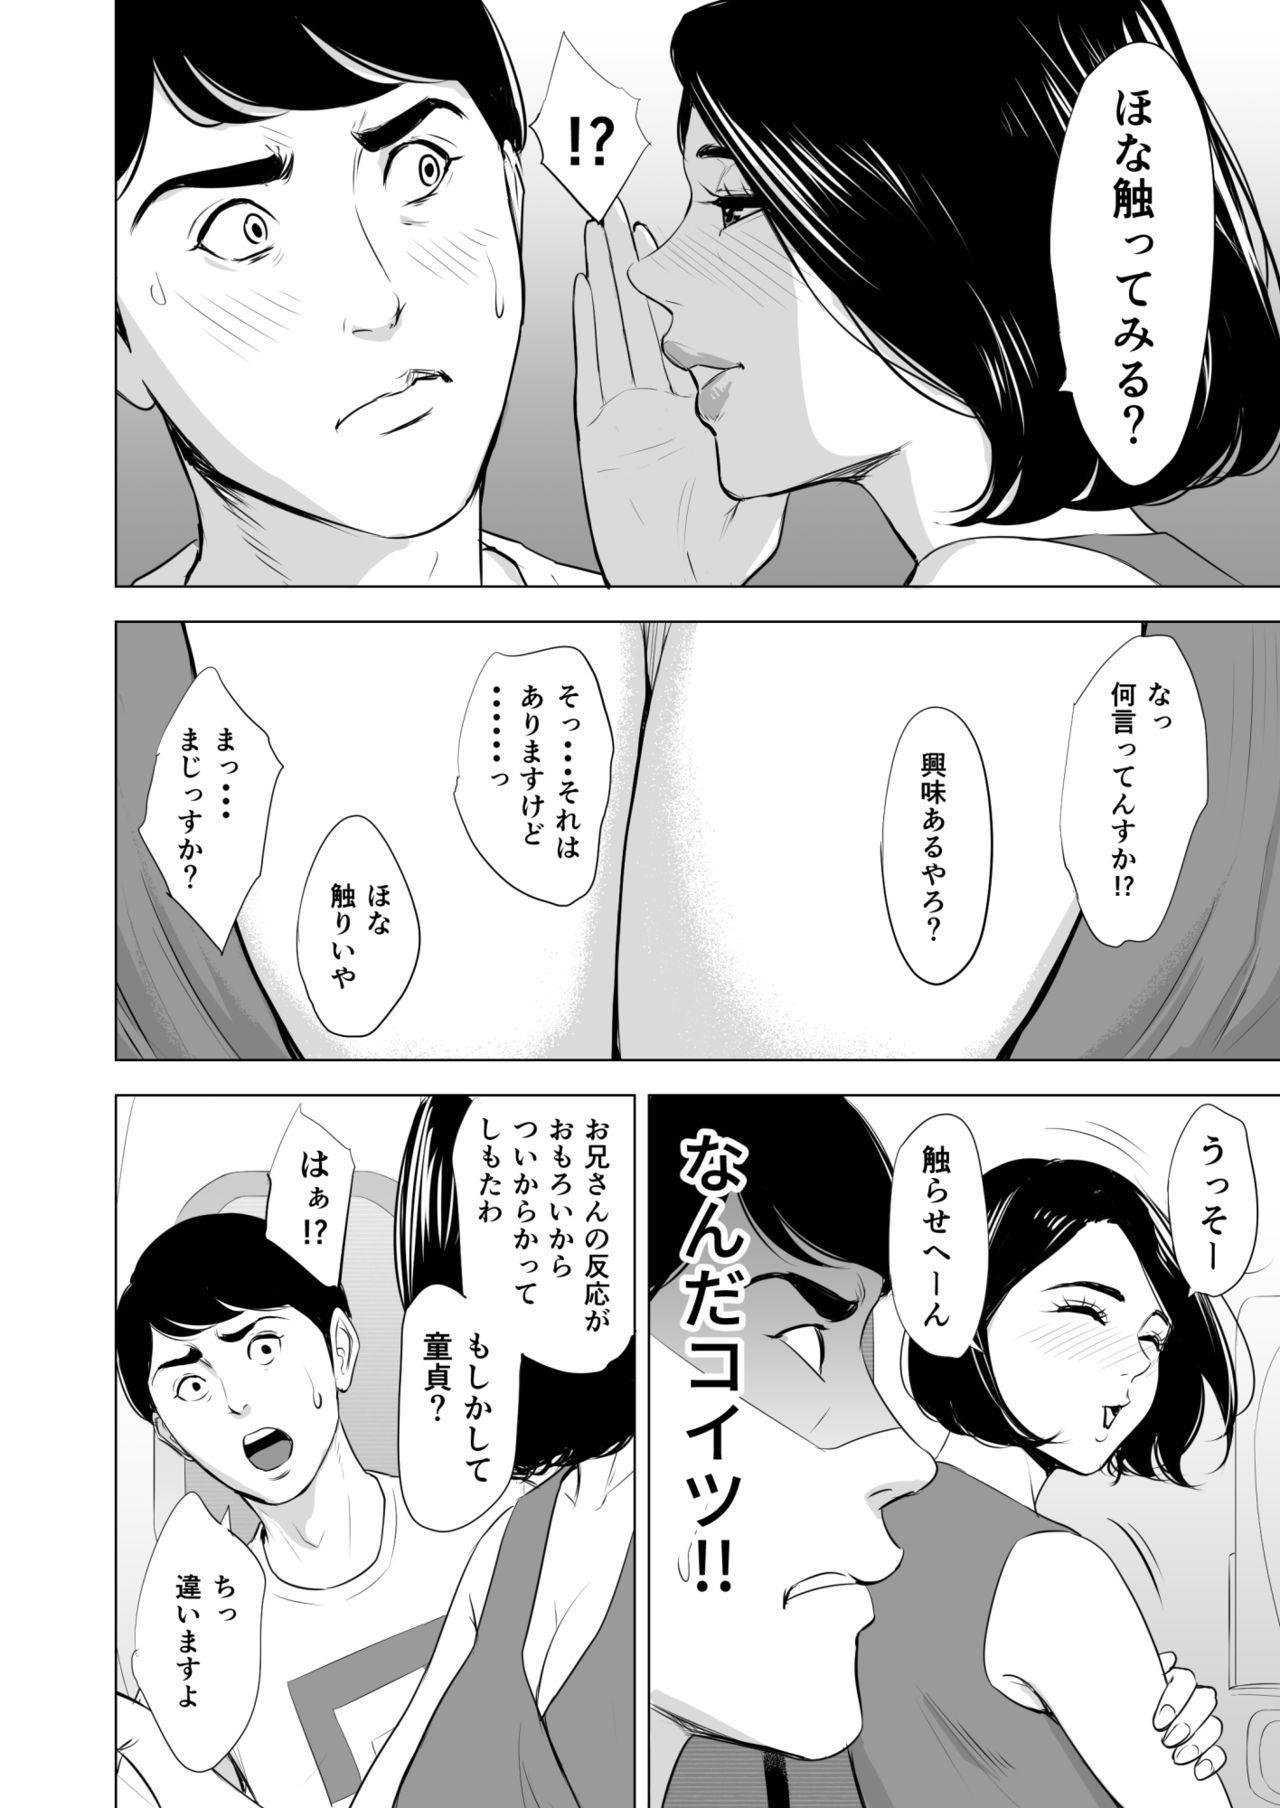 Shinkansen de Nani shiteru!? 11